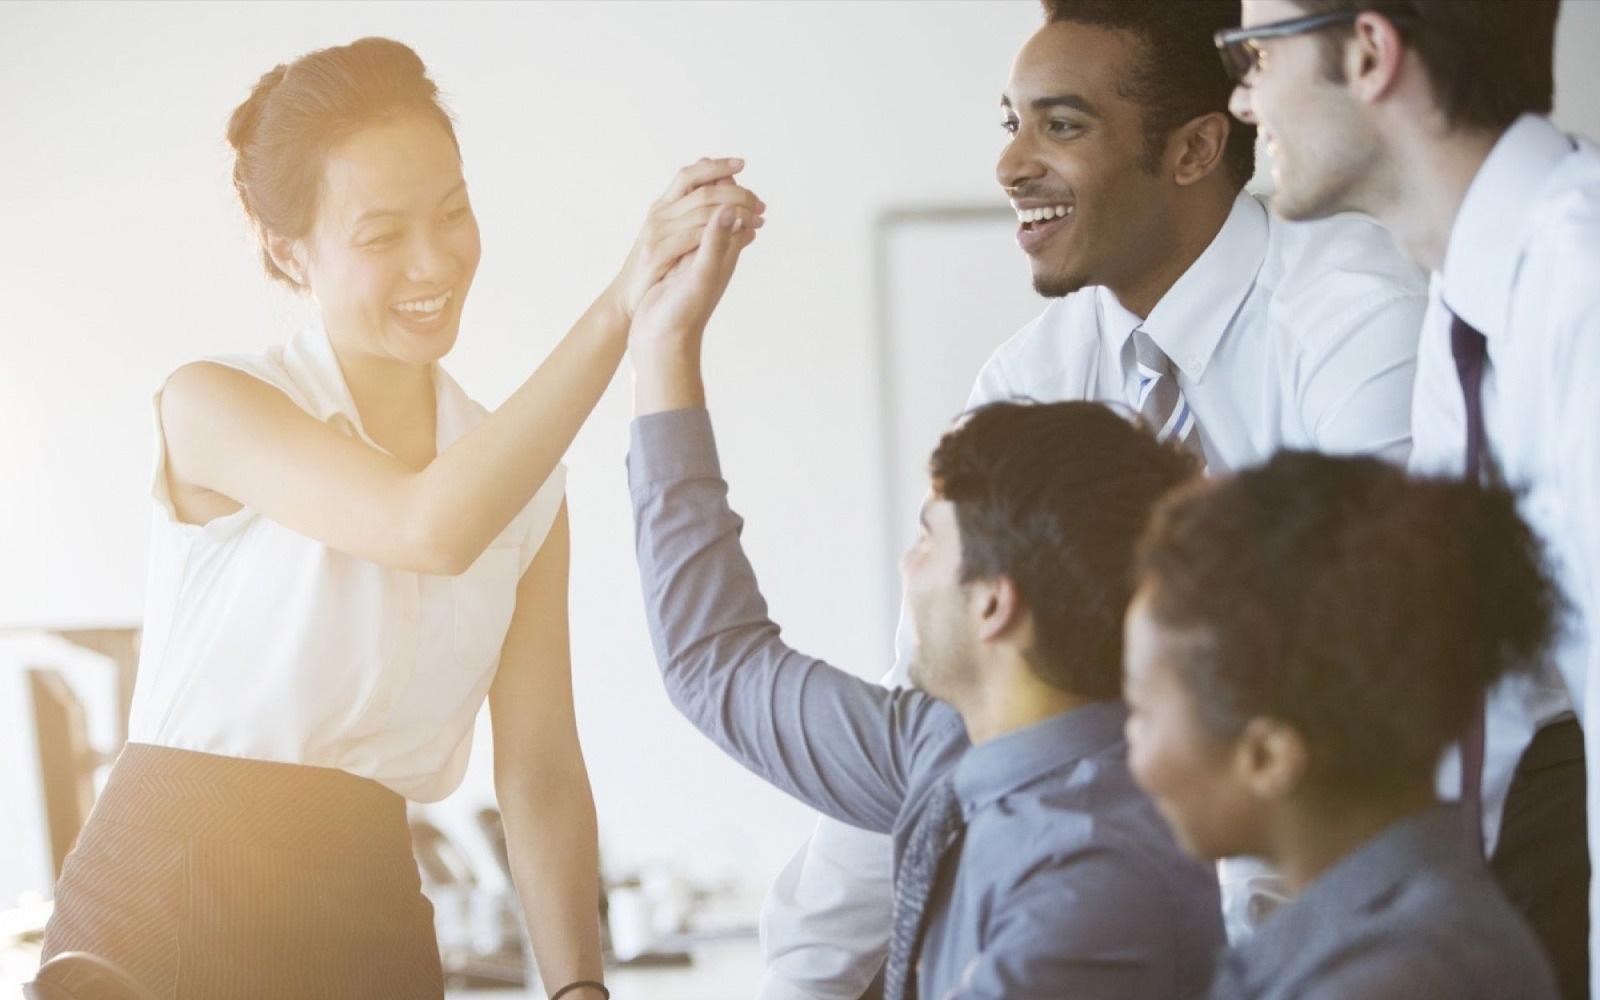 """""""Chọn bạn mà chơi, chọn người mà tin"""": Nhận diện 5 kiểu người kết giao đạt được thành công"""